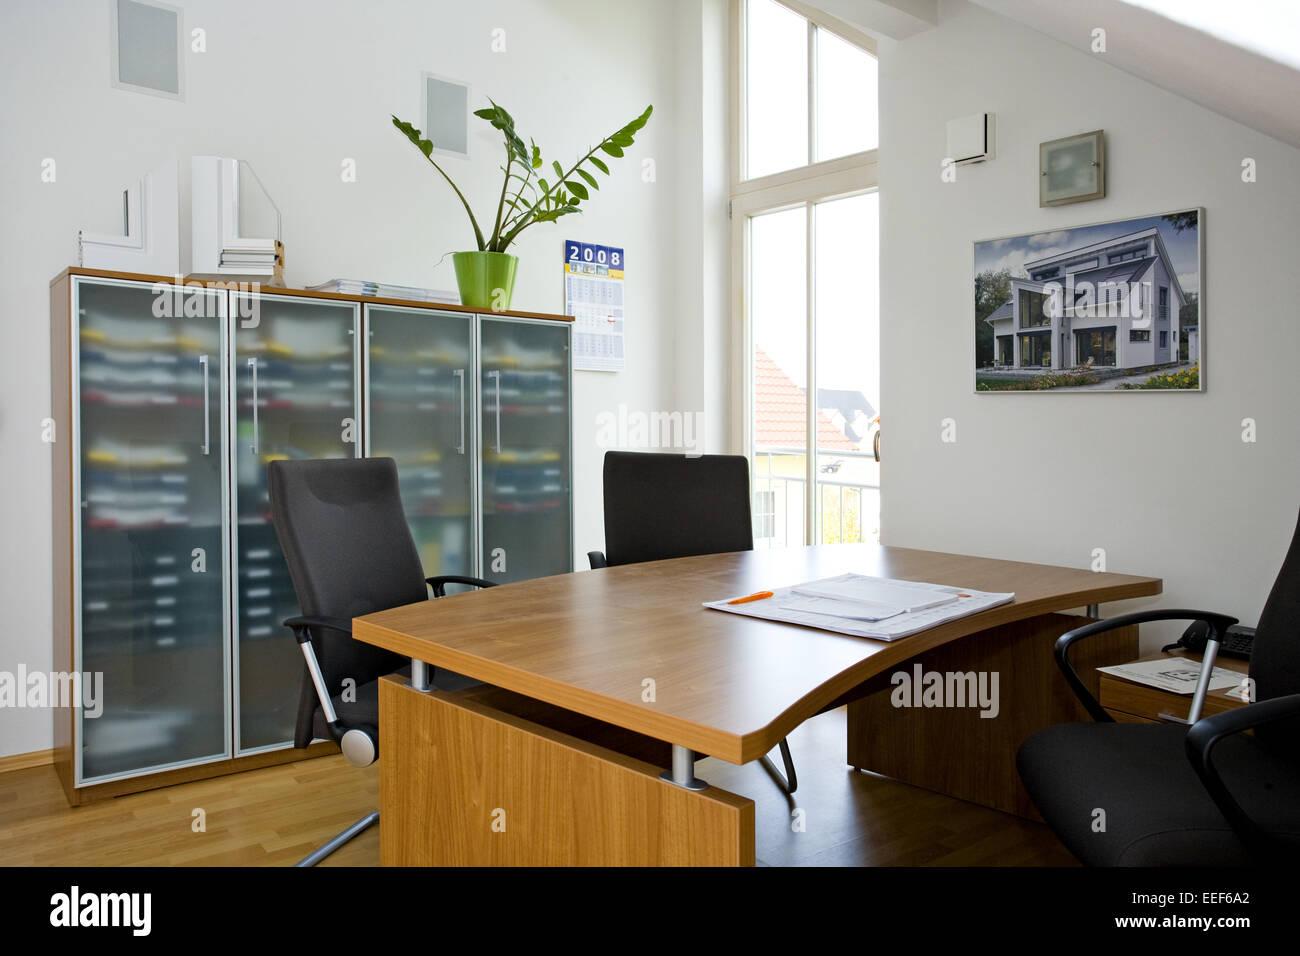 Architektur, Baustil, Dekoration, Einrichtungsgegenstaende, Innenarchitektur, Inneneinrichtung, Interieur, Moebel, Stock Photo